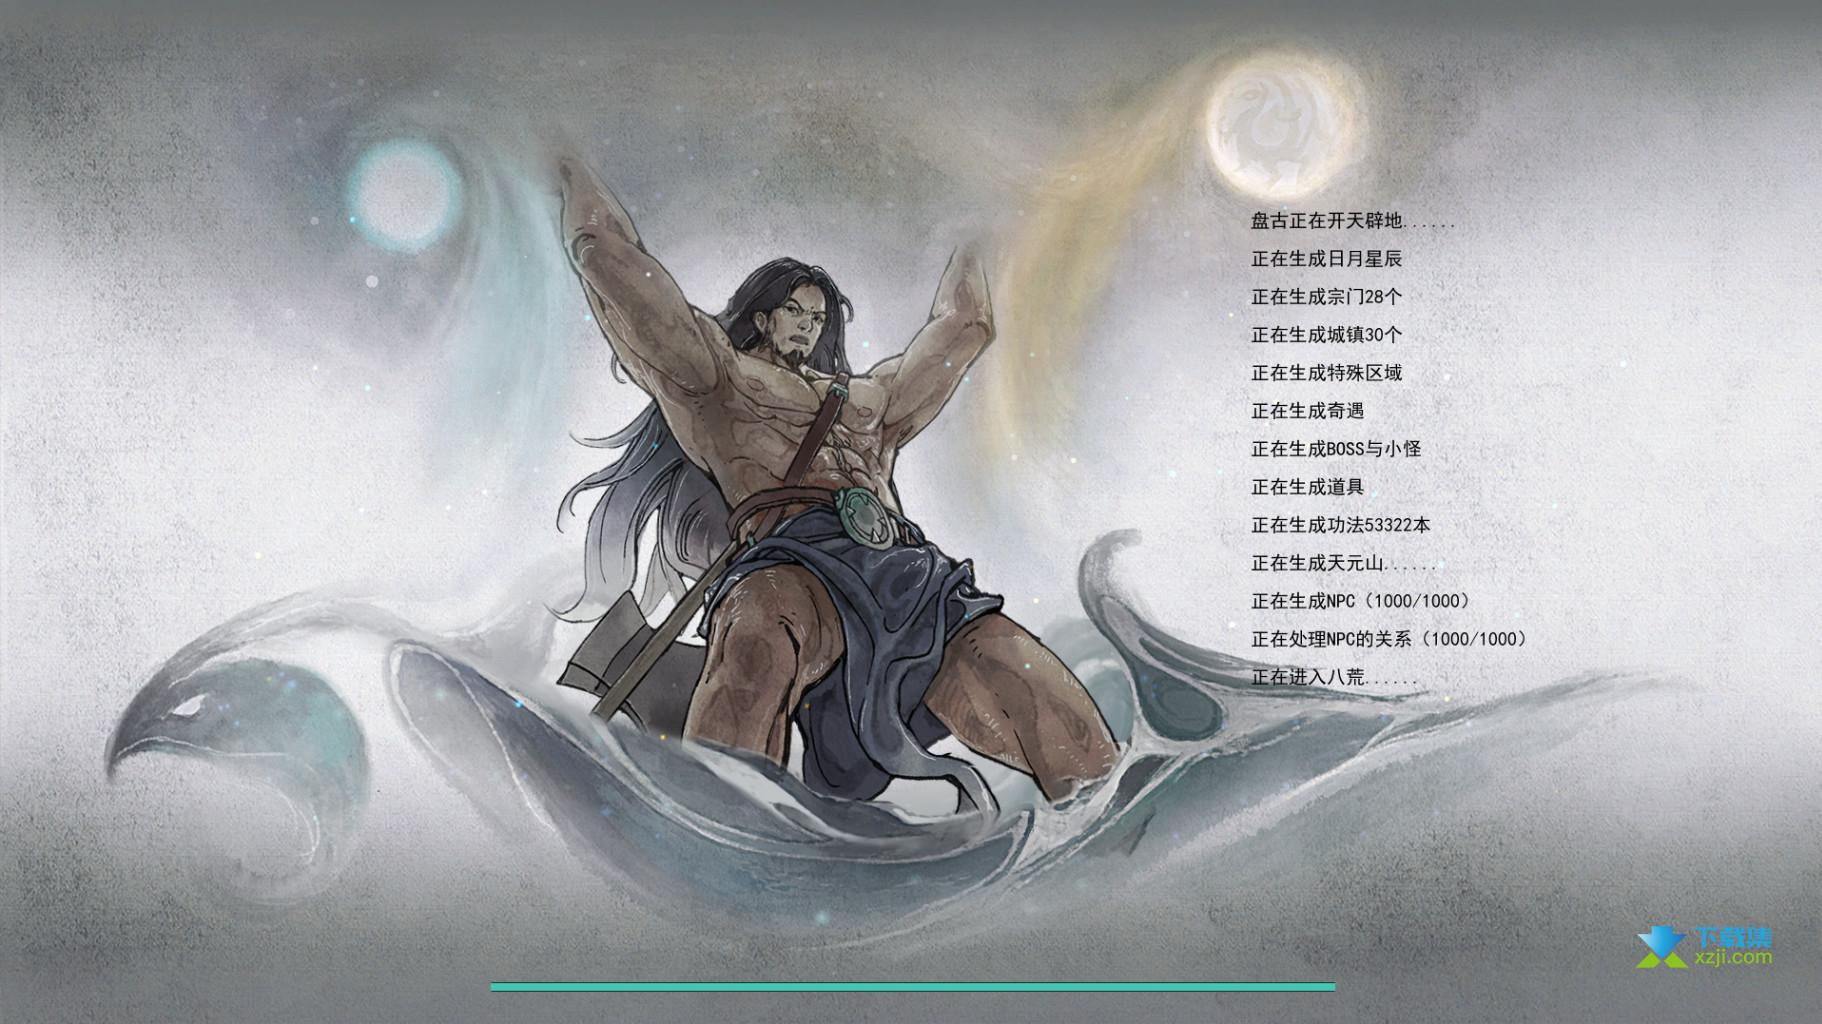 鬼谷八荒中文版界面1